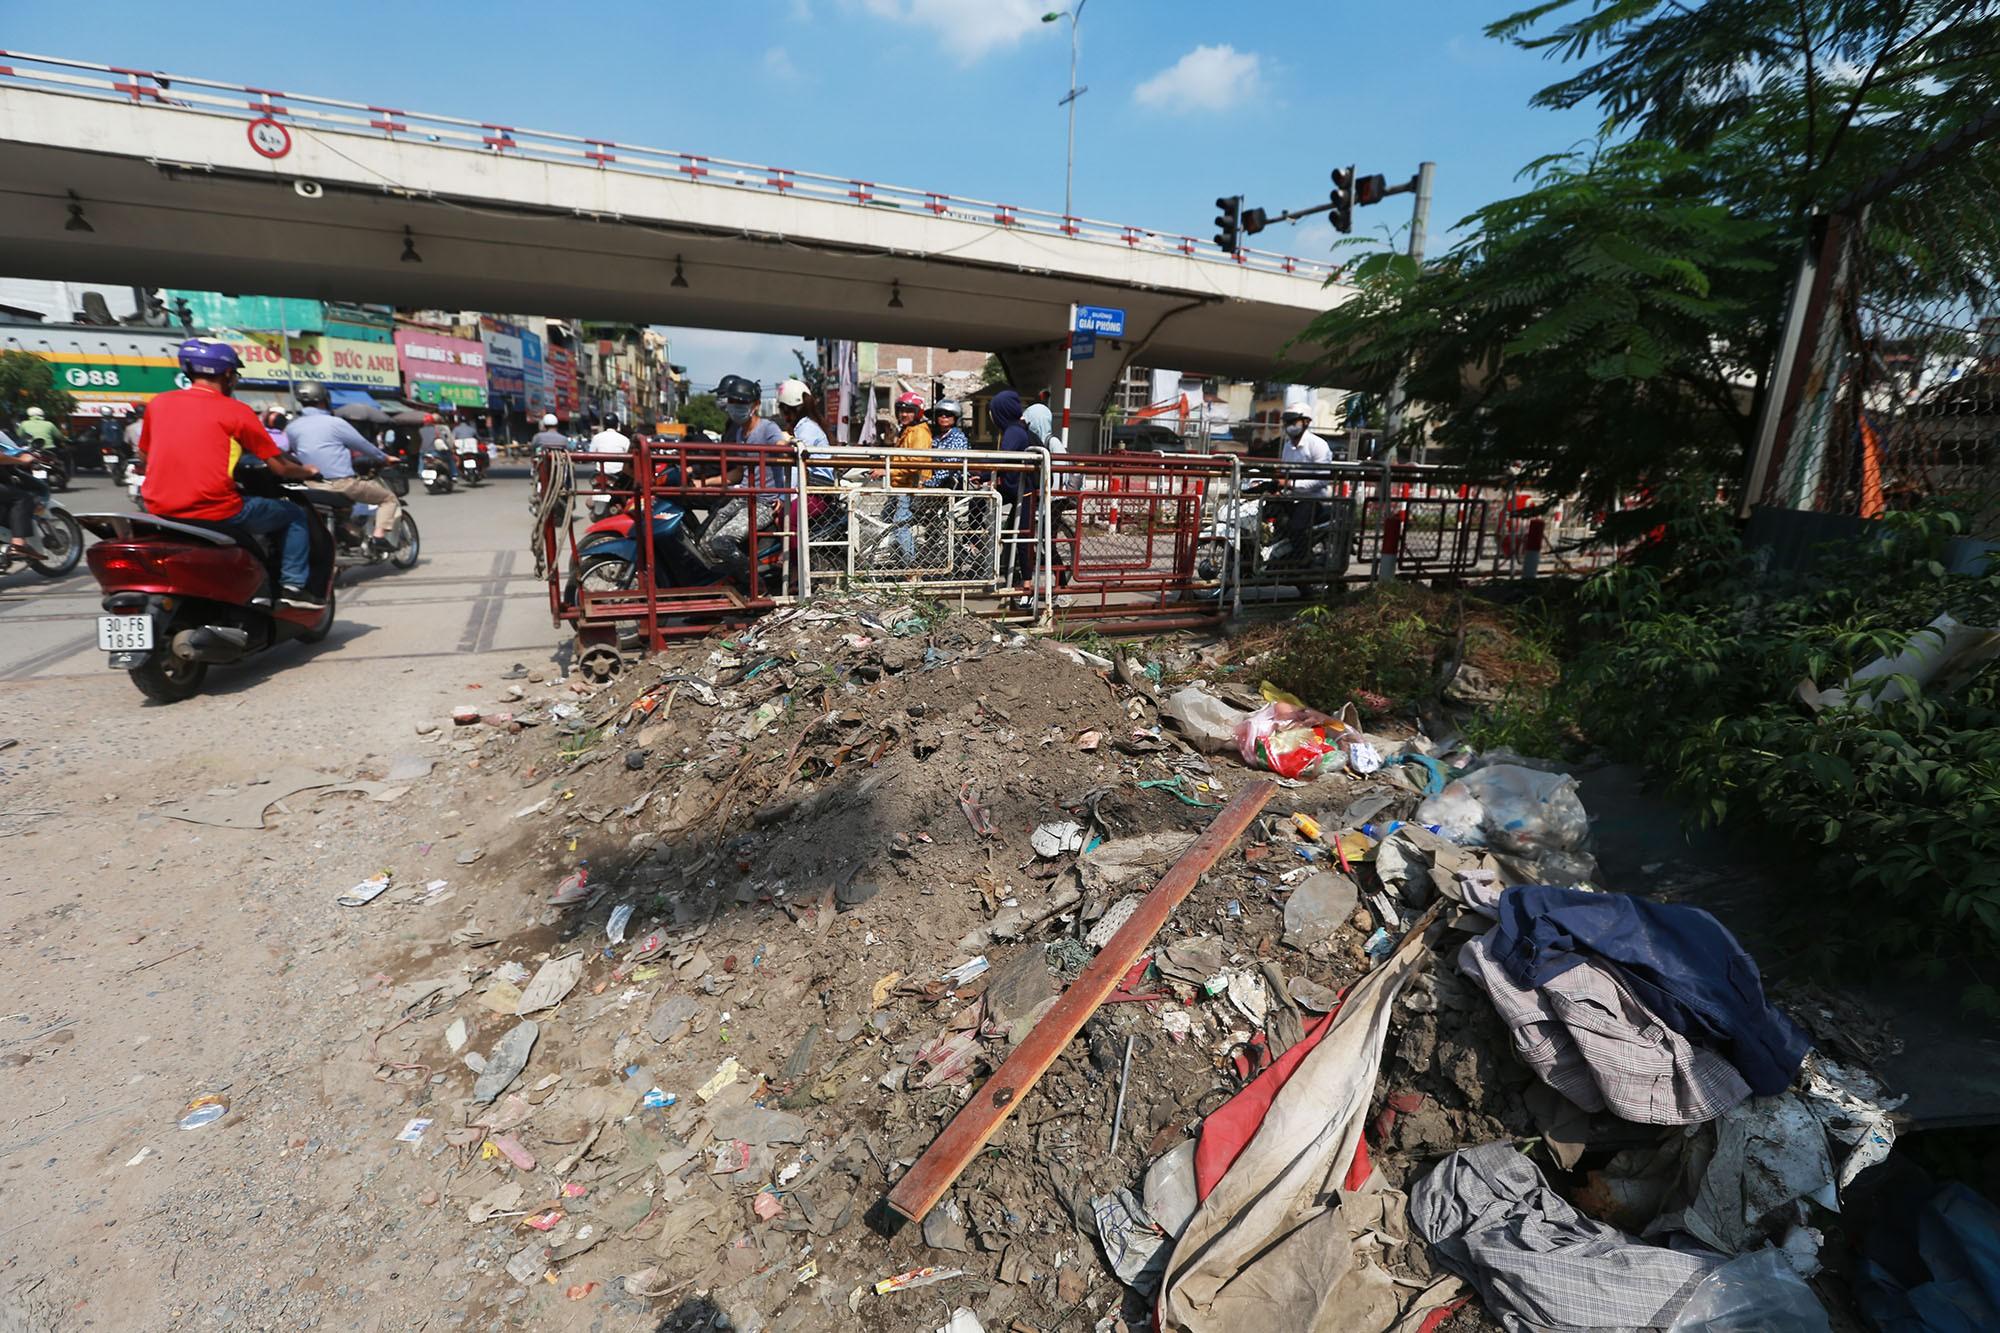 Hà Nội: Rác thải vứt bừa bãi dưới chân công trường đường vành đai 2 - Ảnh 7.